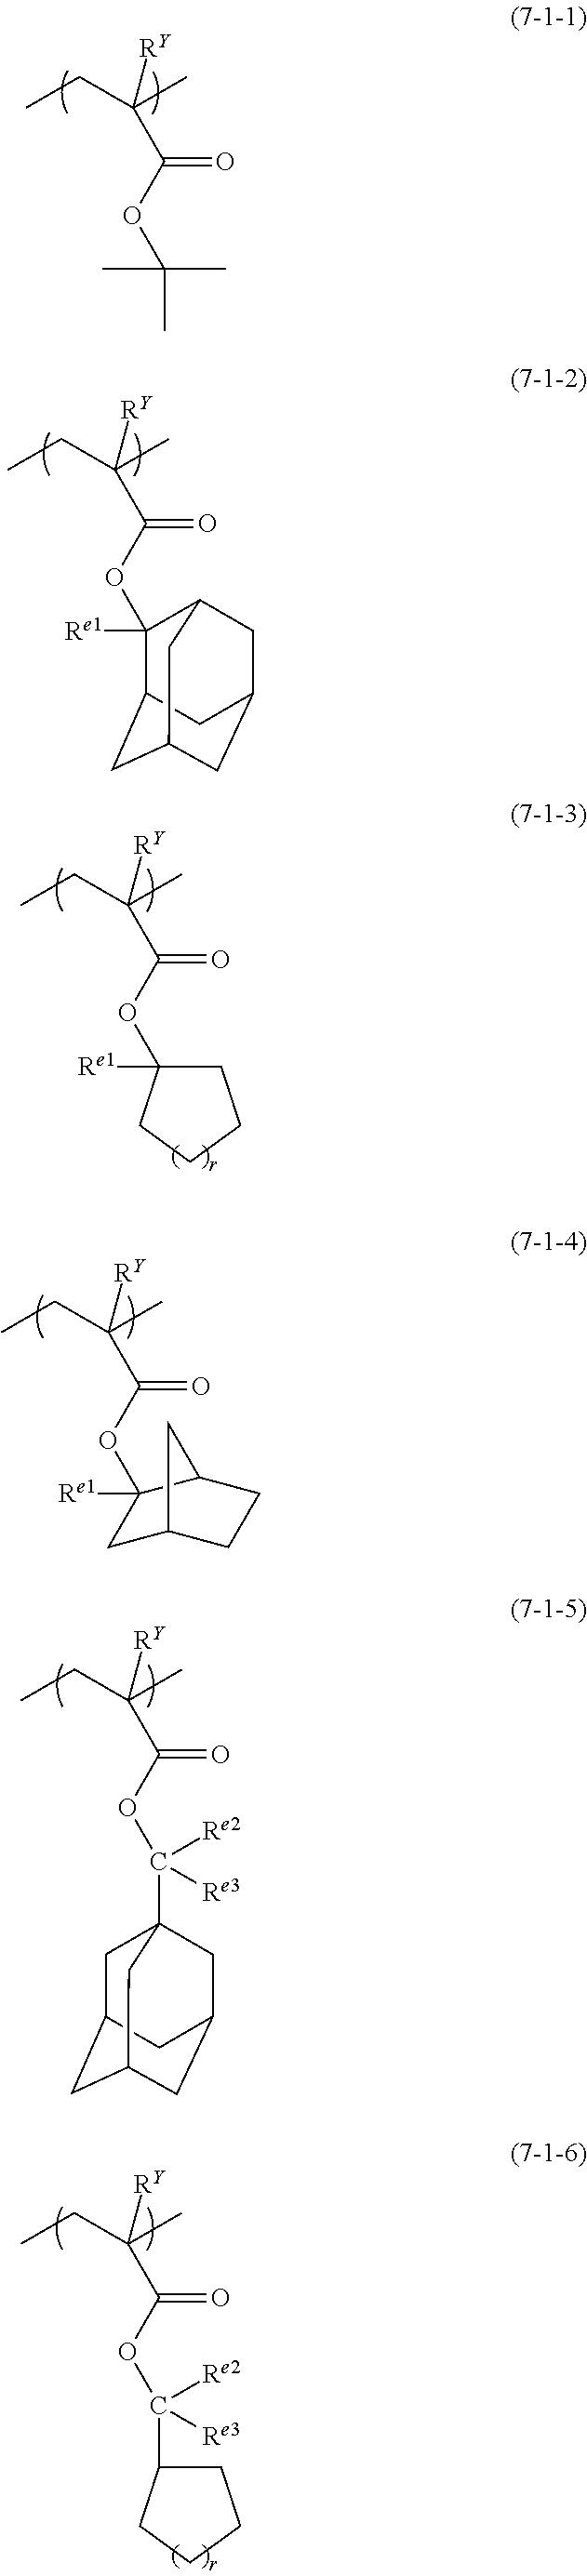 Figure US09477149-20161025-C00025